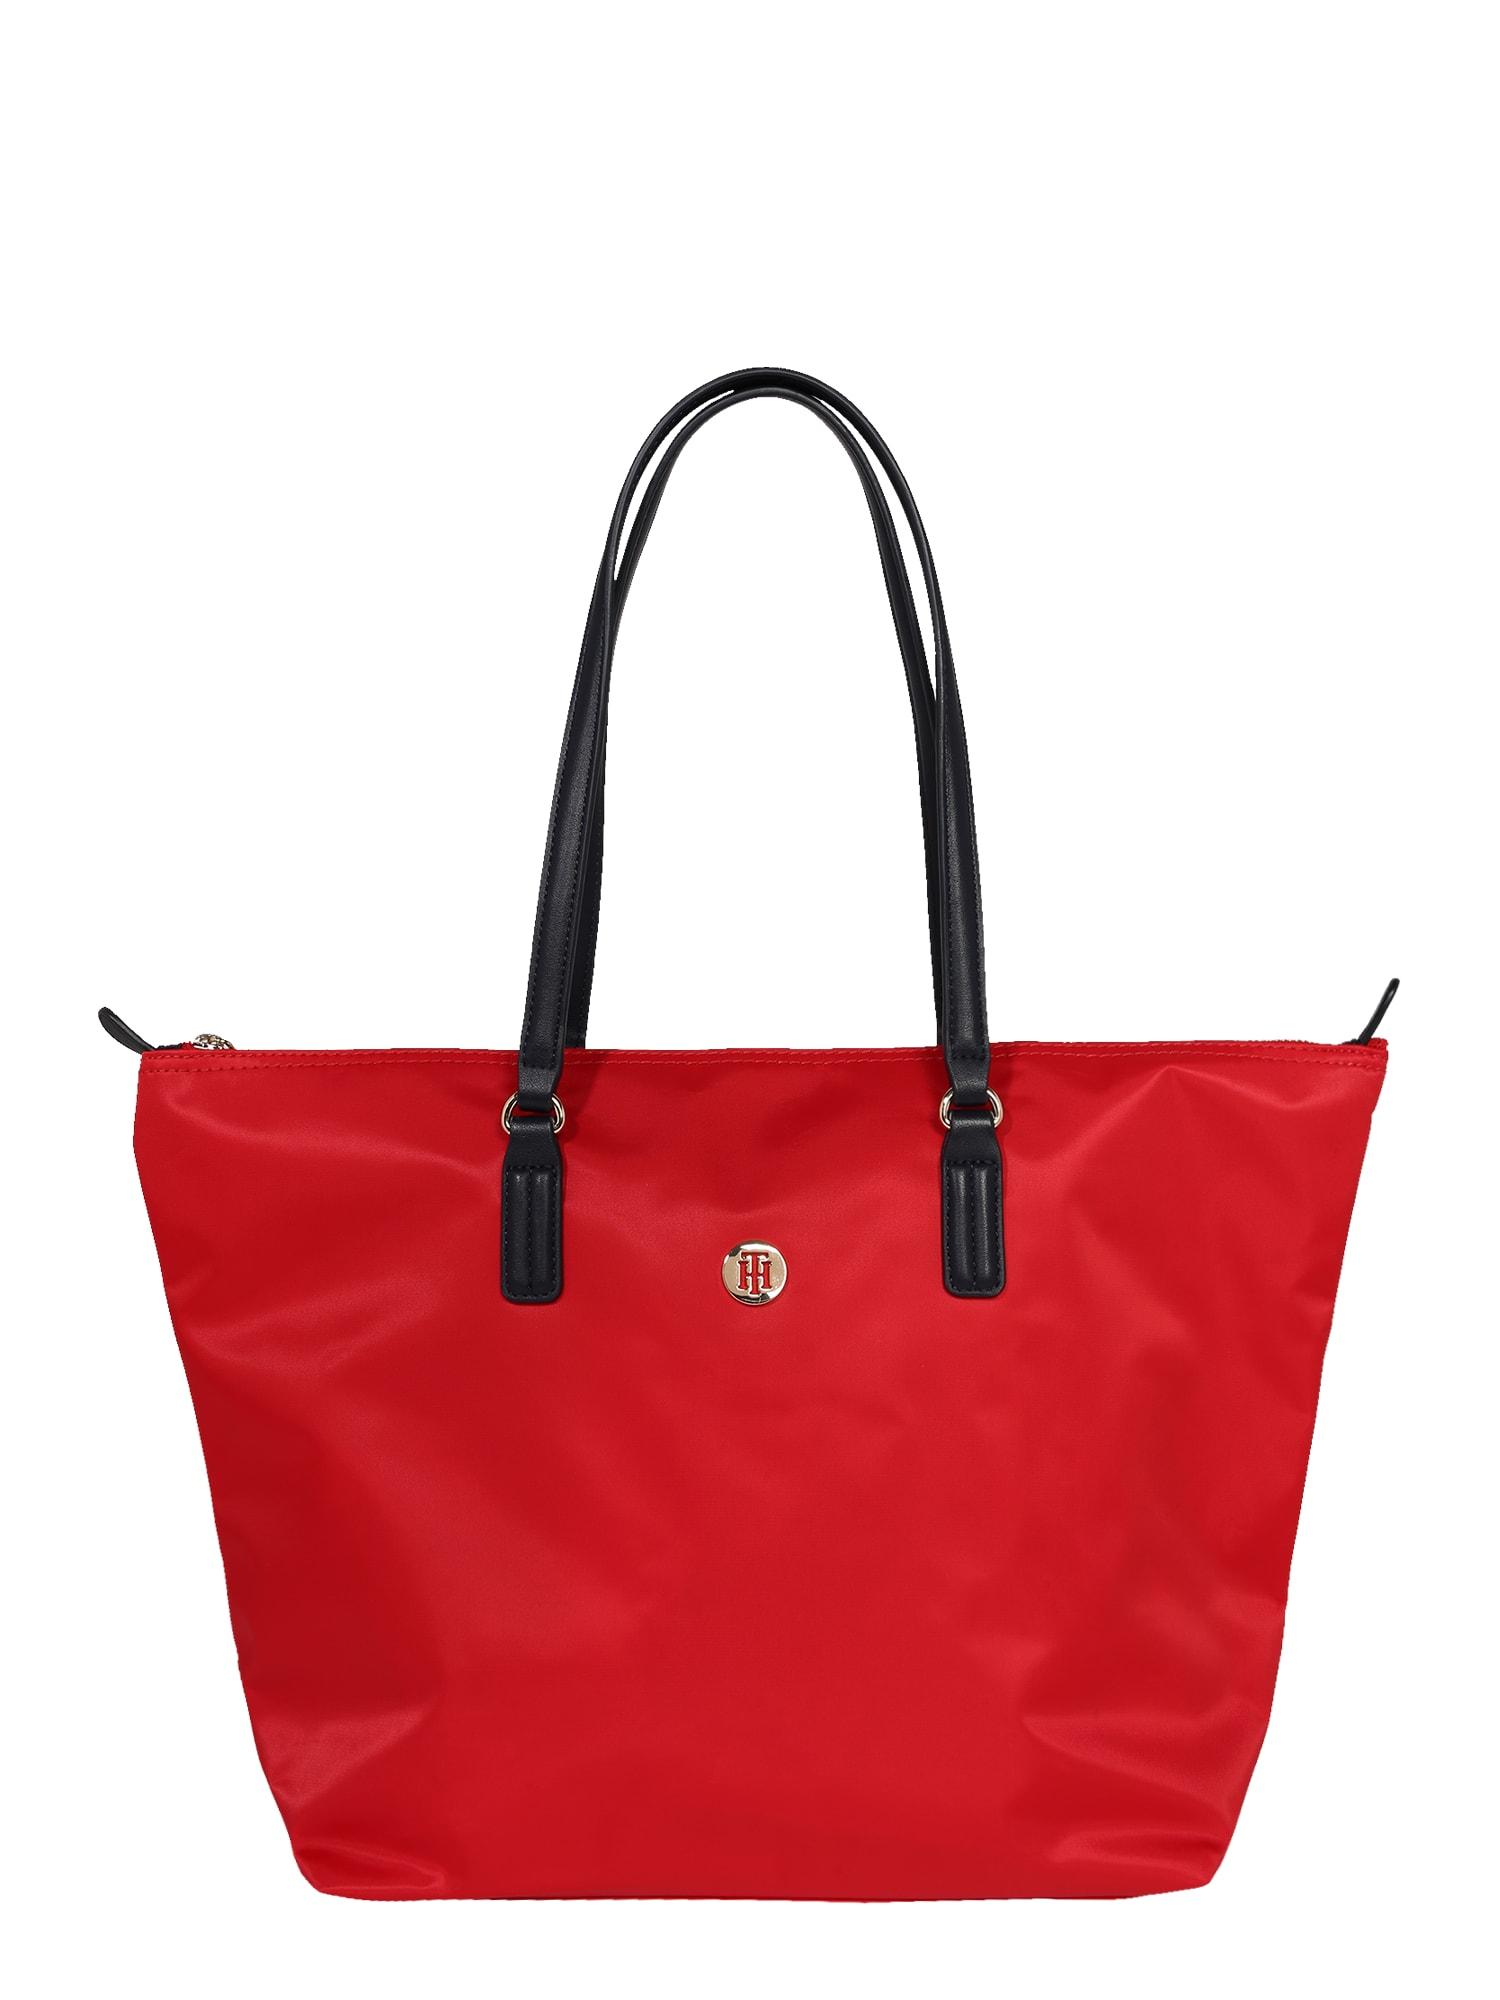 TOMMY HILFIGER Pirkinių krepšys 'Poppy' spanguolių spalva